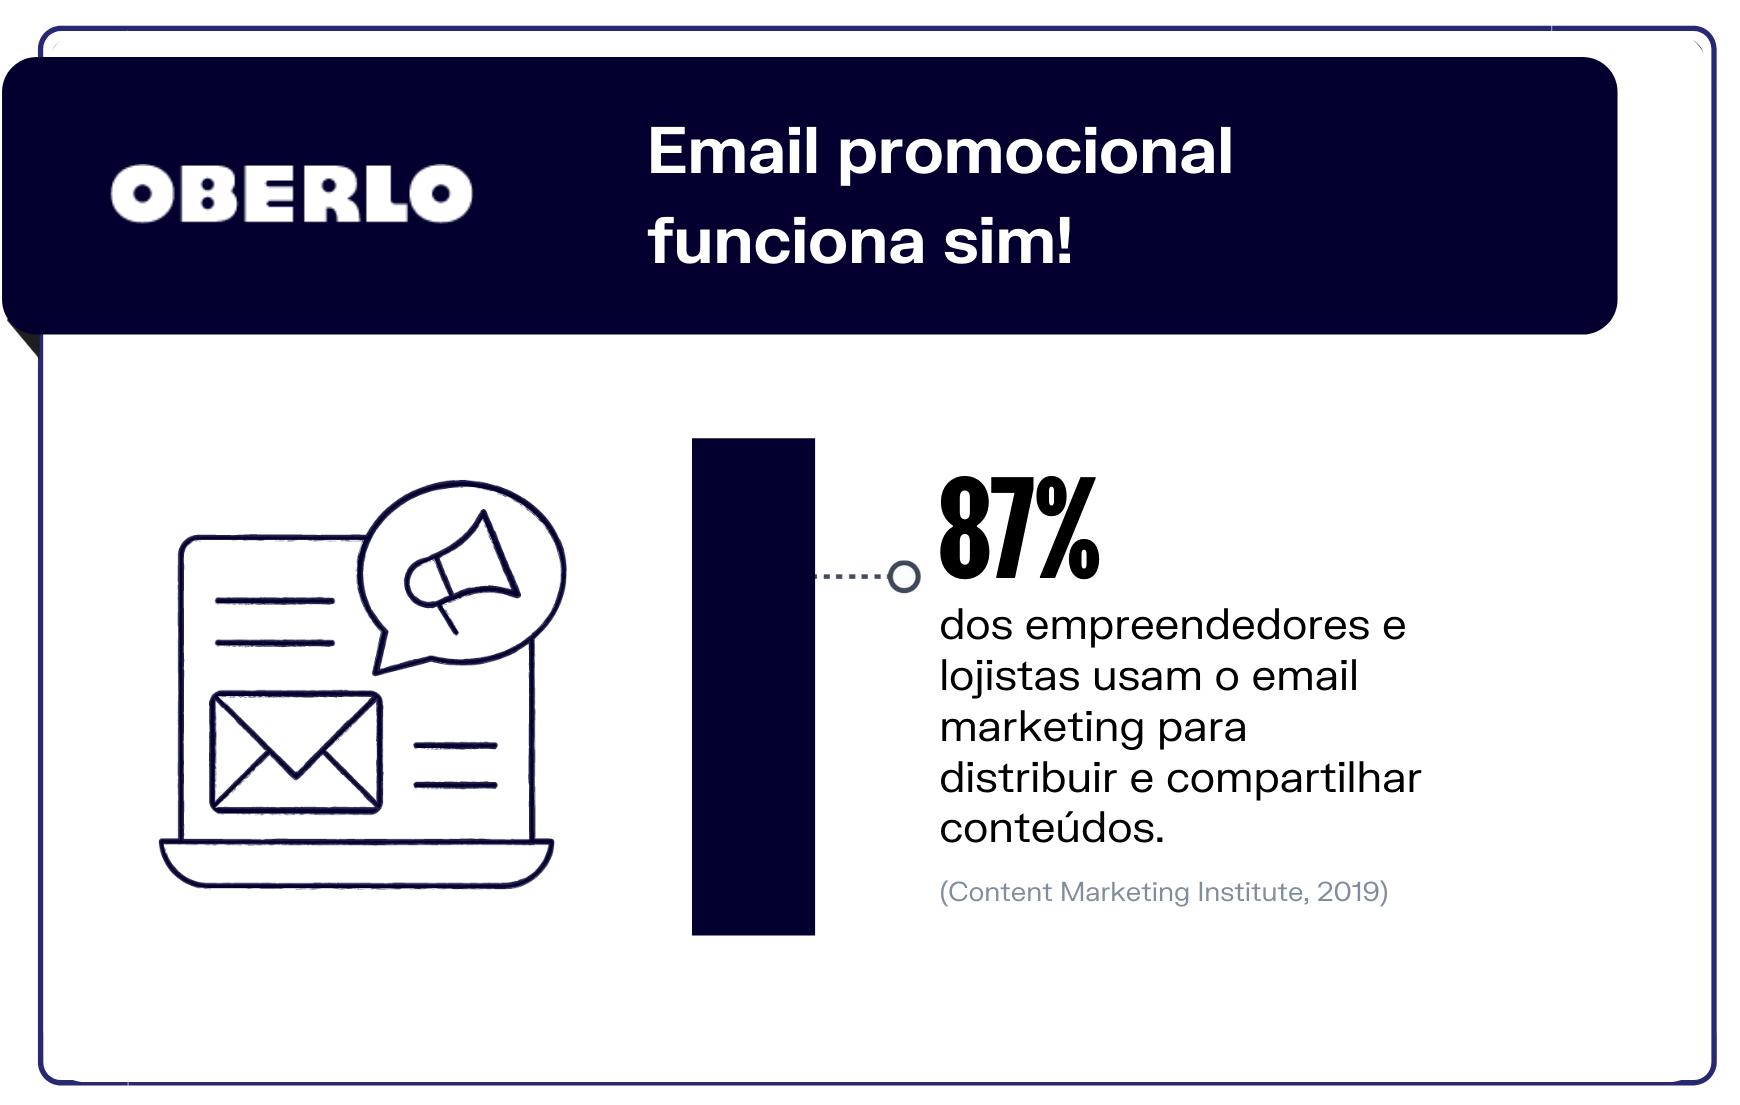 Como saber se o email foi lido - Estatísticas de email marketing: email promocional funciona sim!